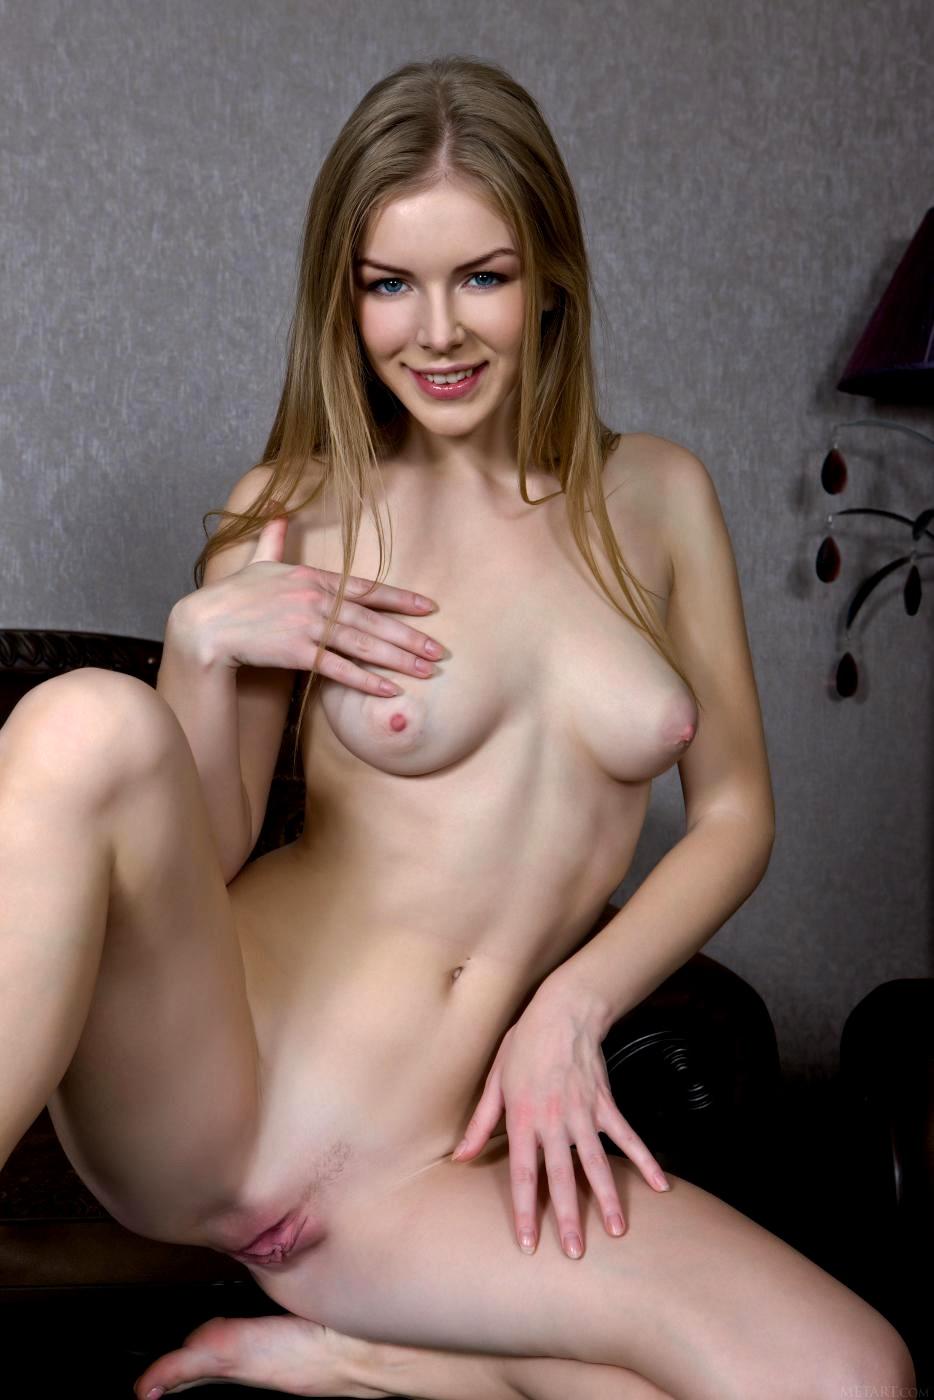 Big boobs bukkake